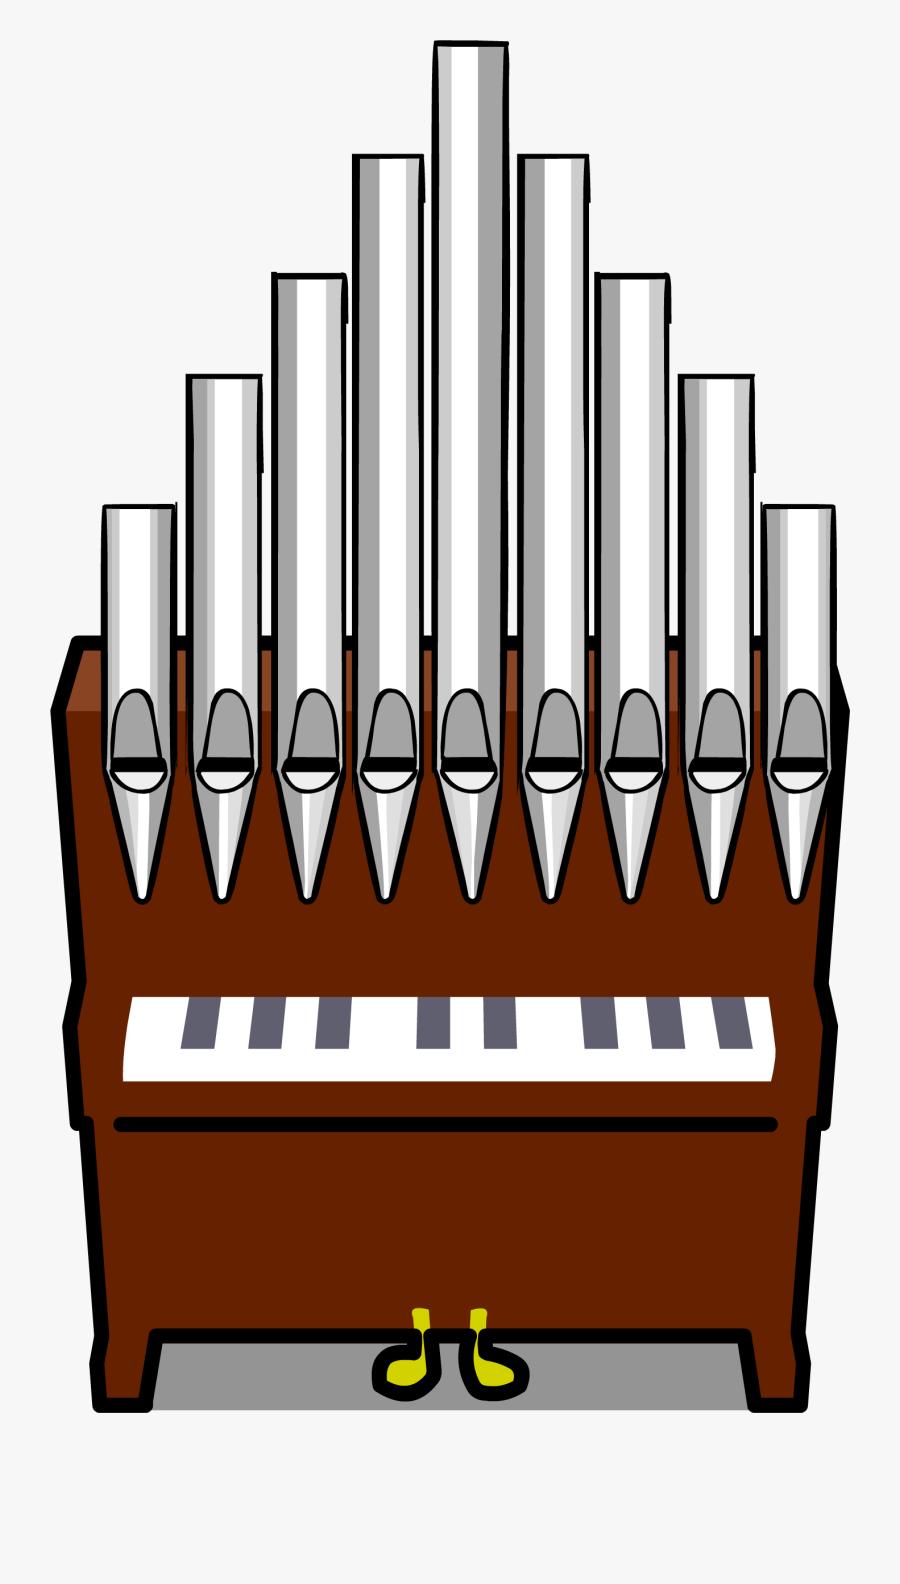 Club Clipart Choir - Organ Clip Art, Transparent Clipart